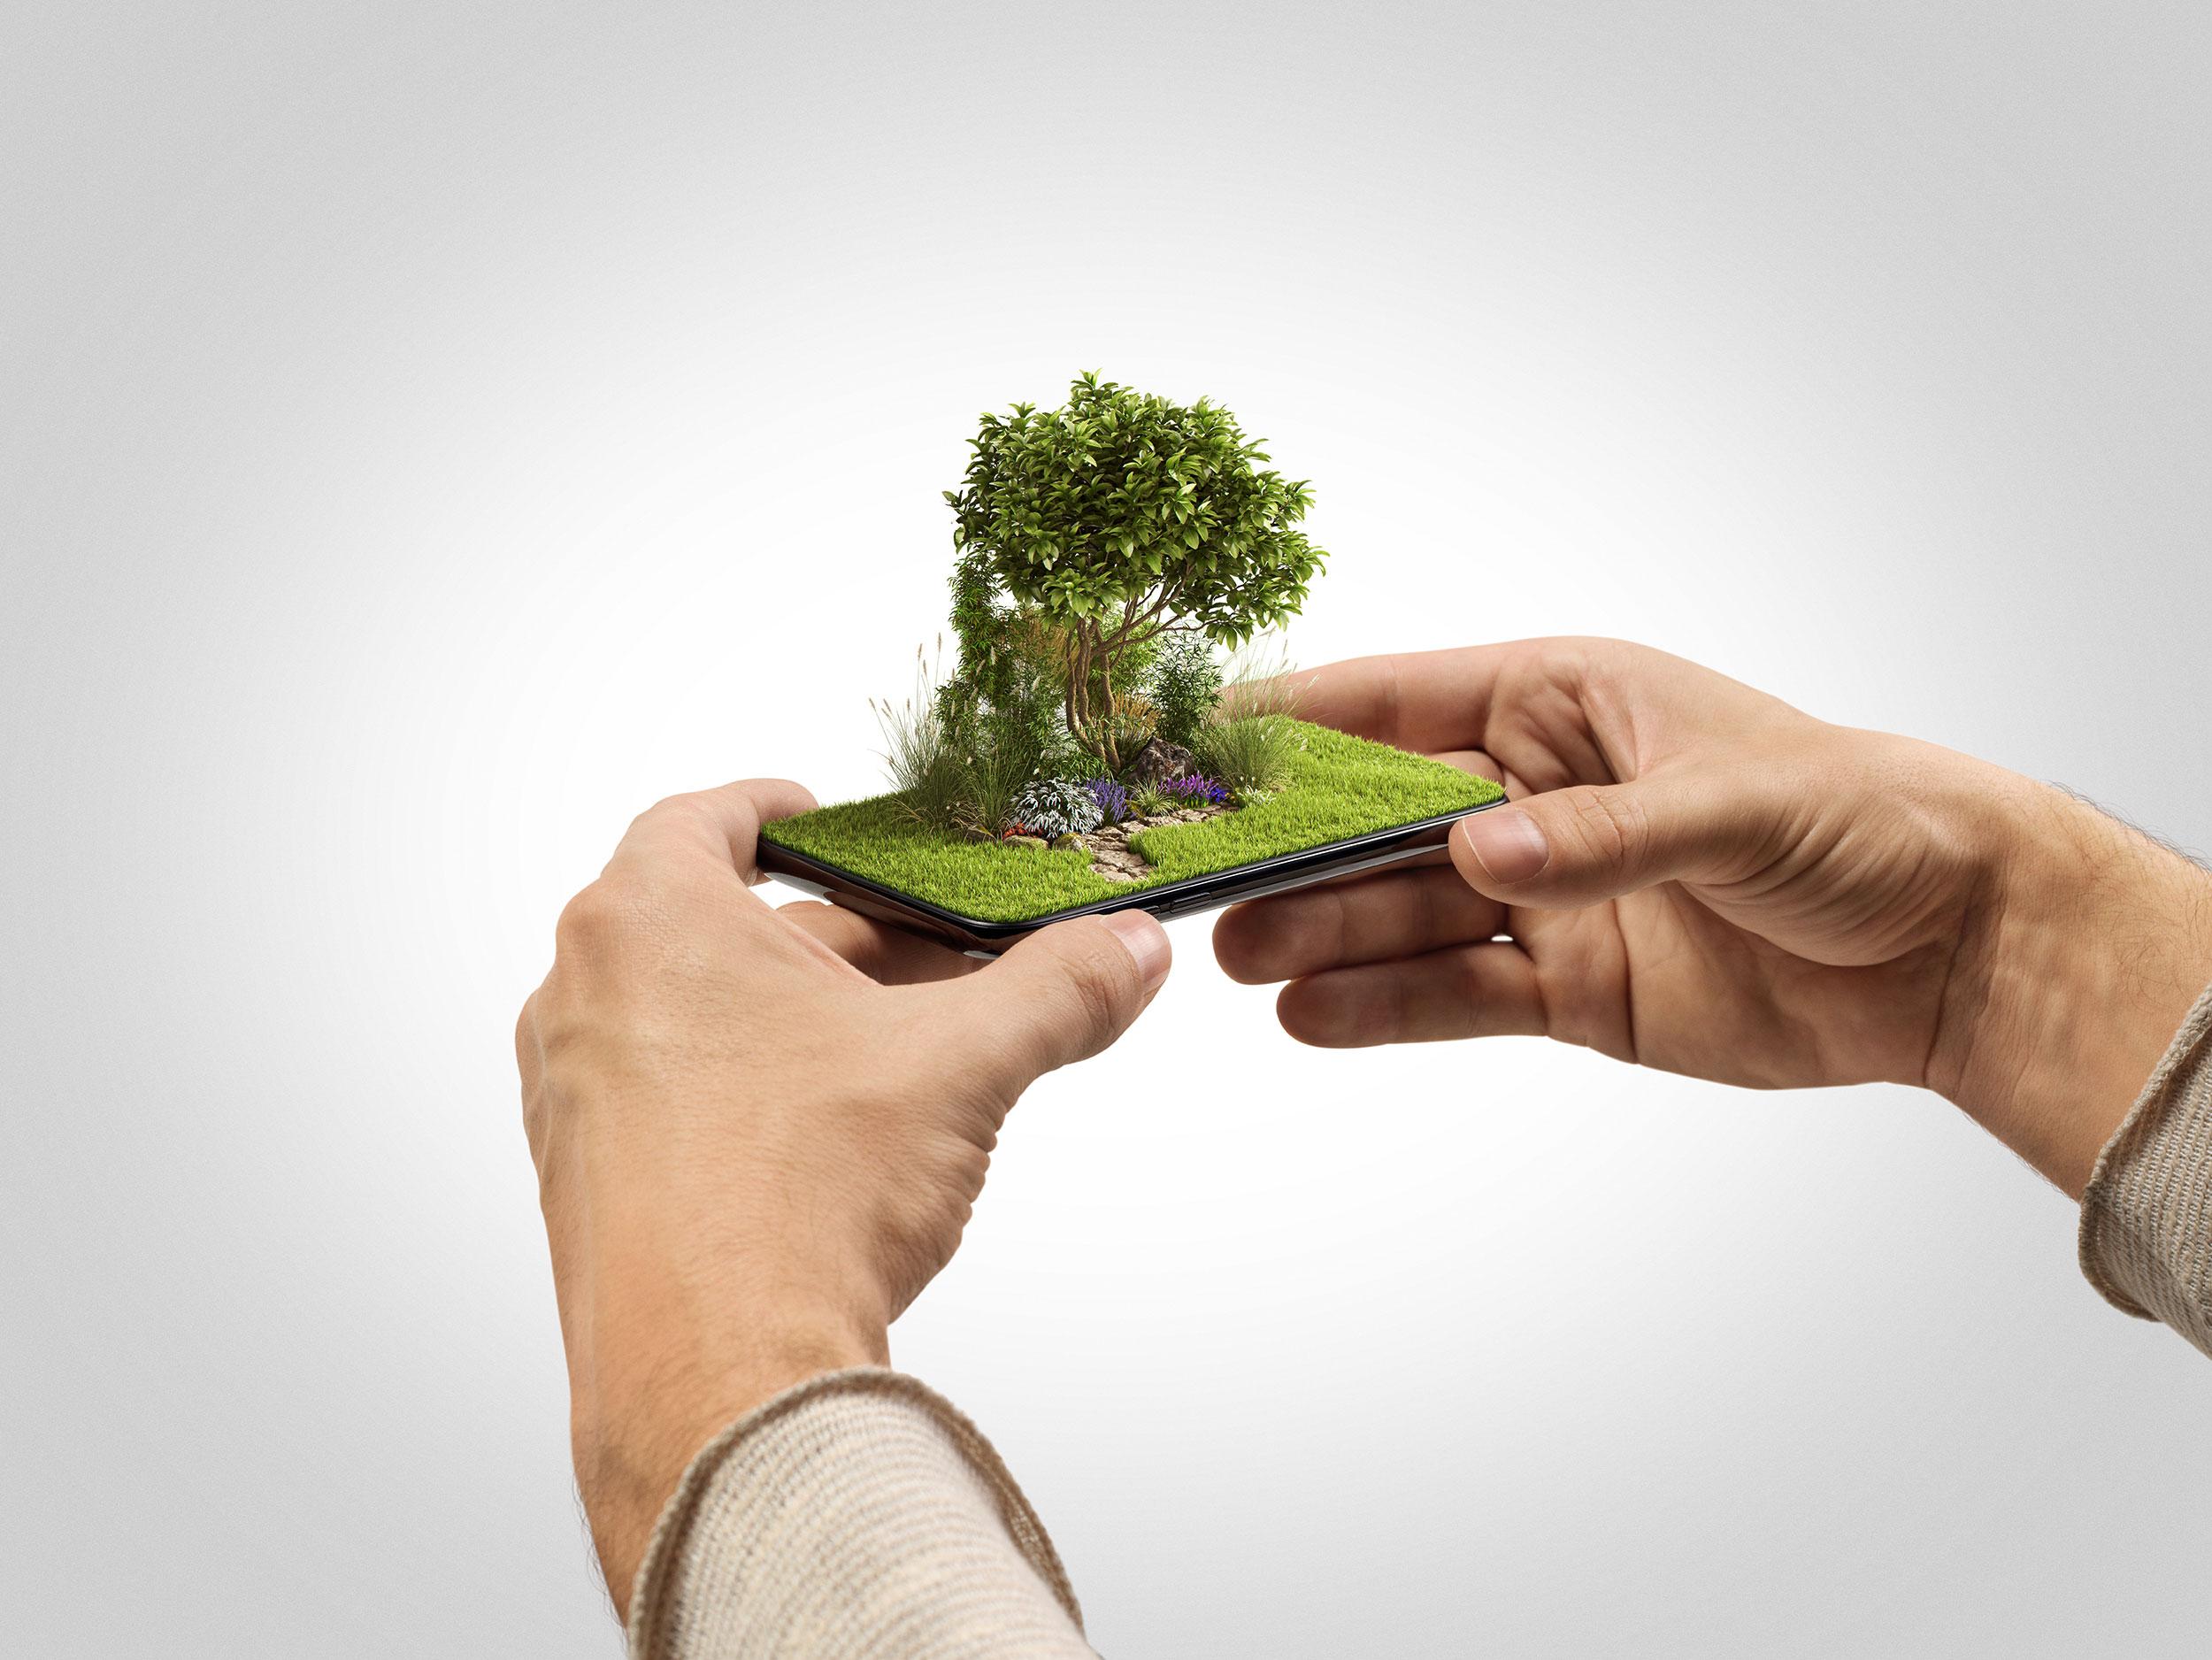 Blaupapier Cgi Fotografie Retusche Gardena Smart Visual 1